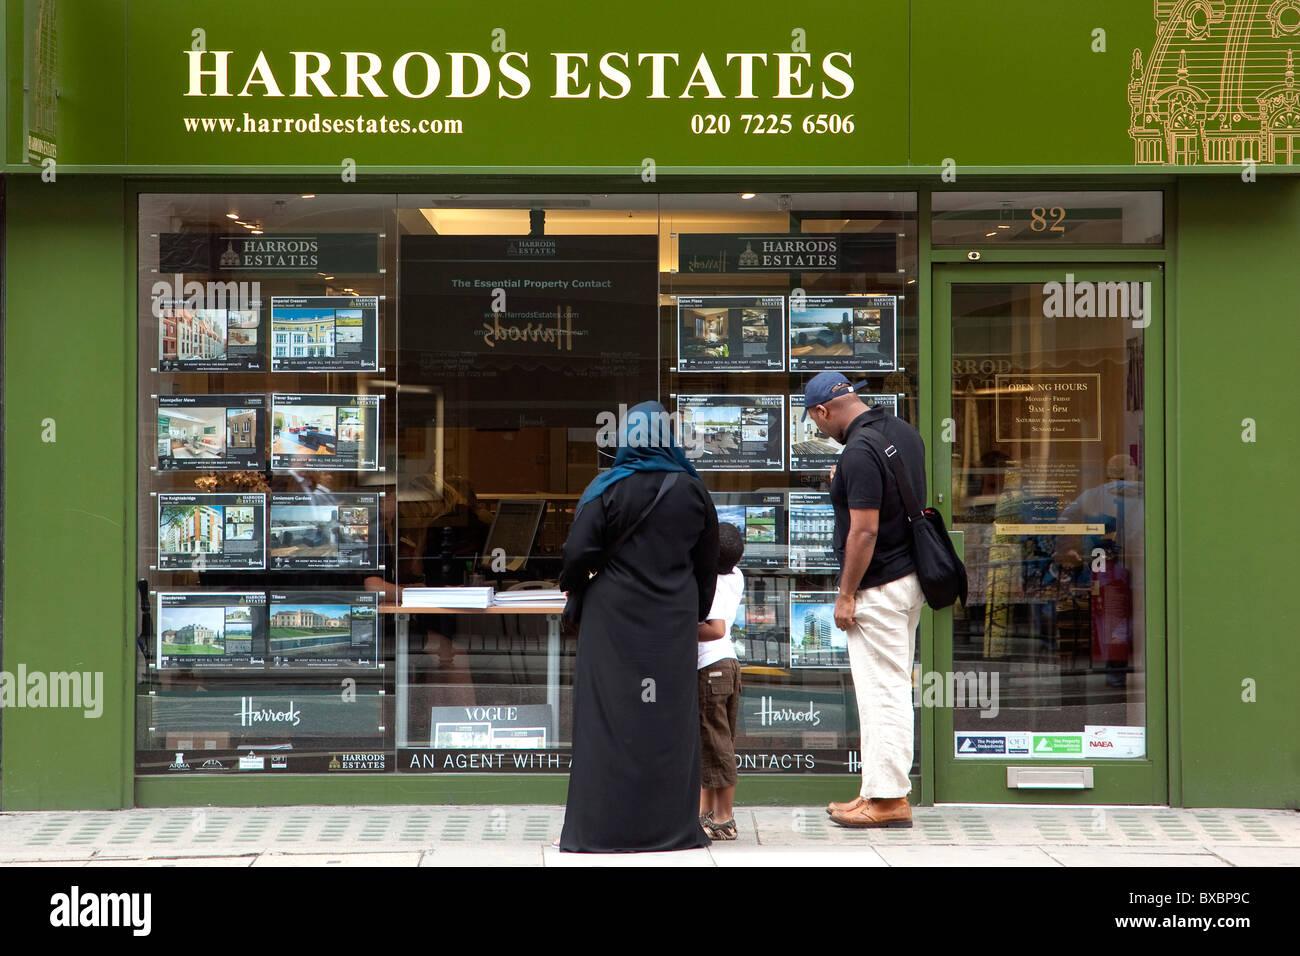 harrods estates real estate agent in london england. Black Bedroom Furniture Sets. Home Design Ideas